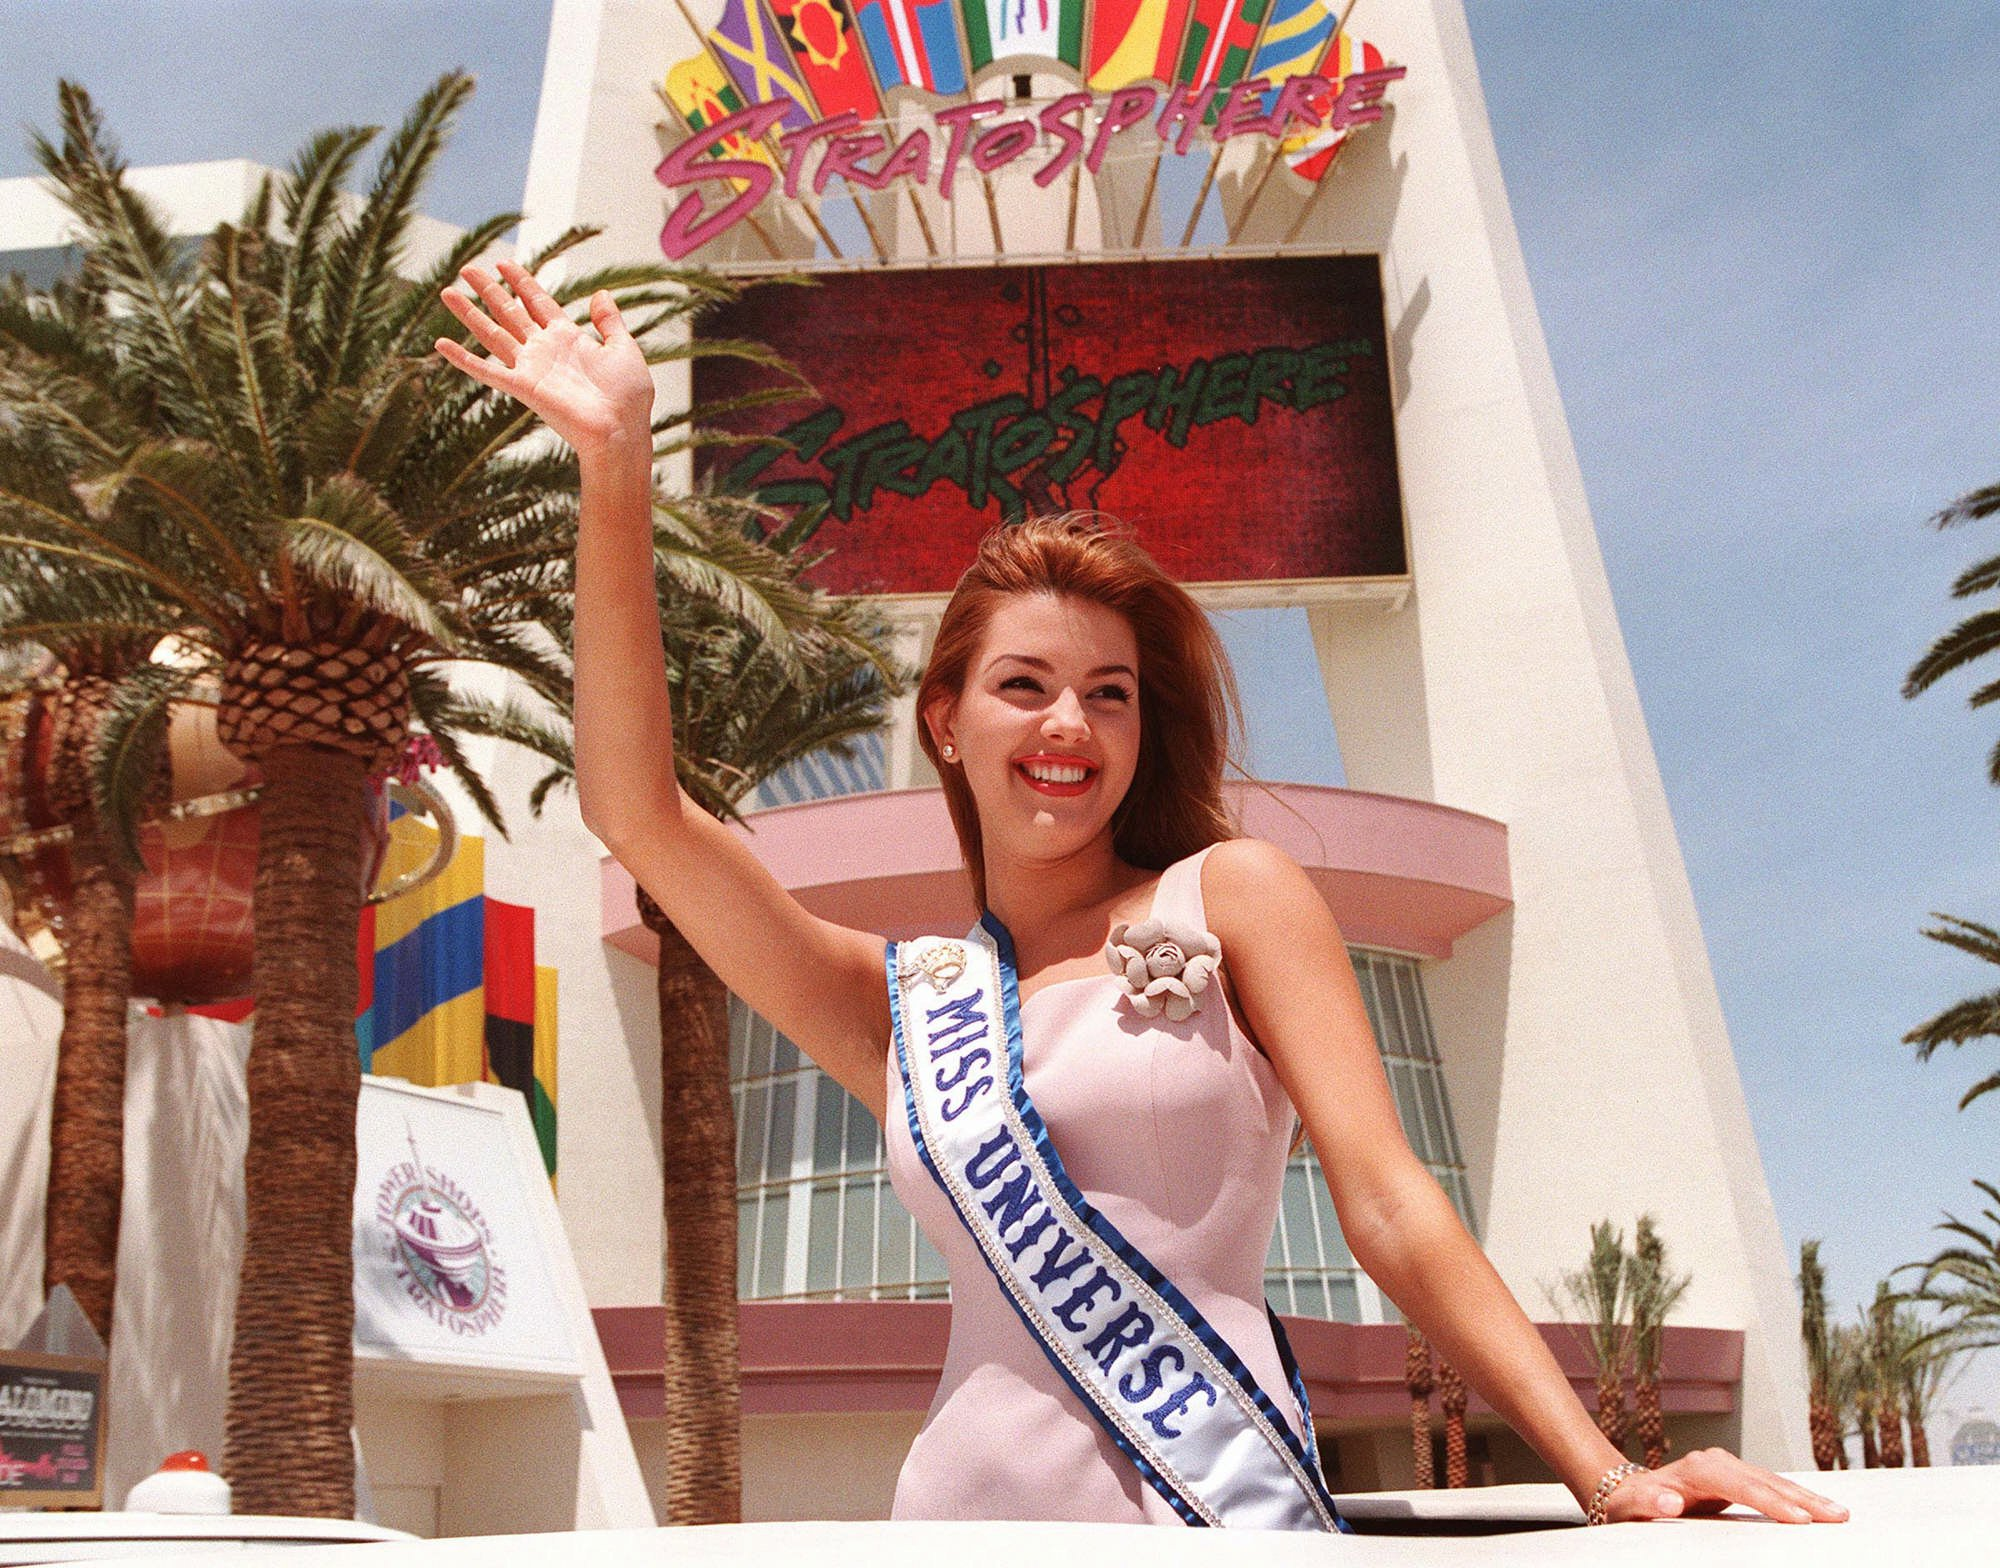 Miss Universe 1996: Alicia Machado of Venezuela, Miss Universe 1996, in Las Vegas, May 18, 1996